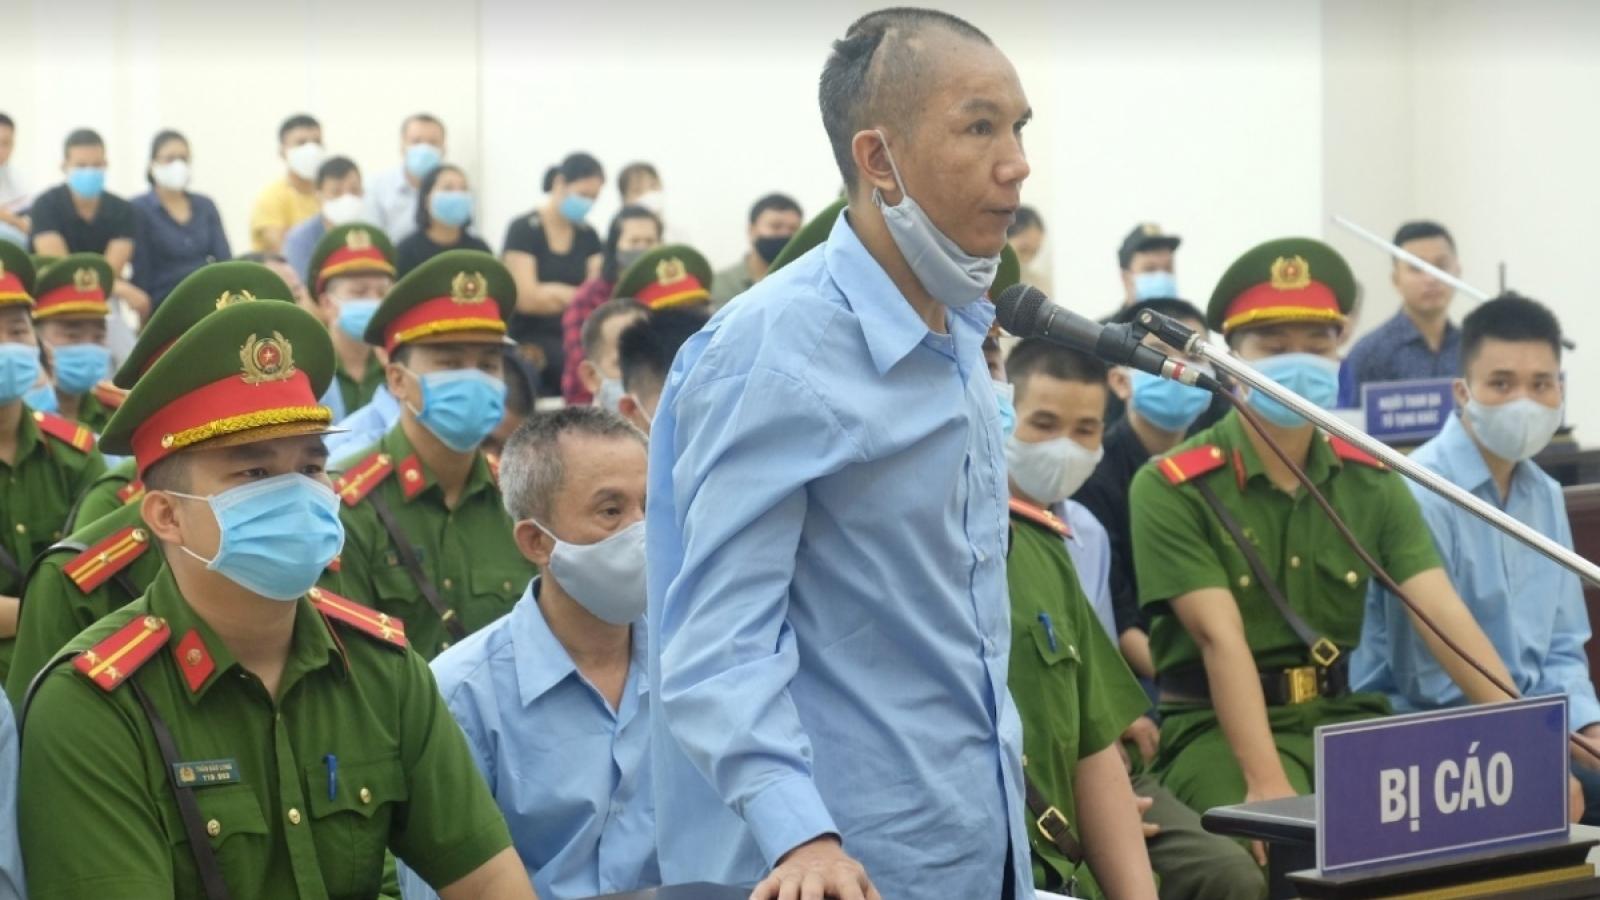 Lê Đình Công và 4 bị cáo trong vụ án giết người ở Đồng Tâm kháng cáo